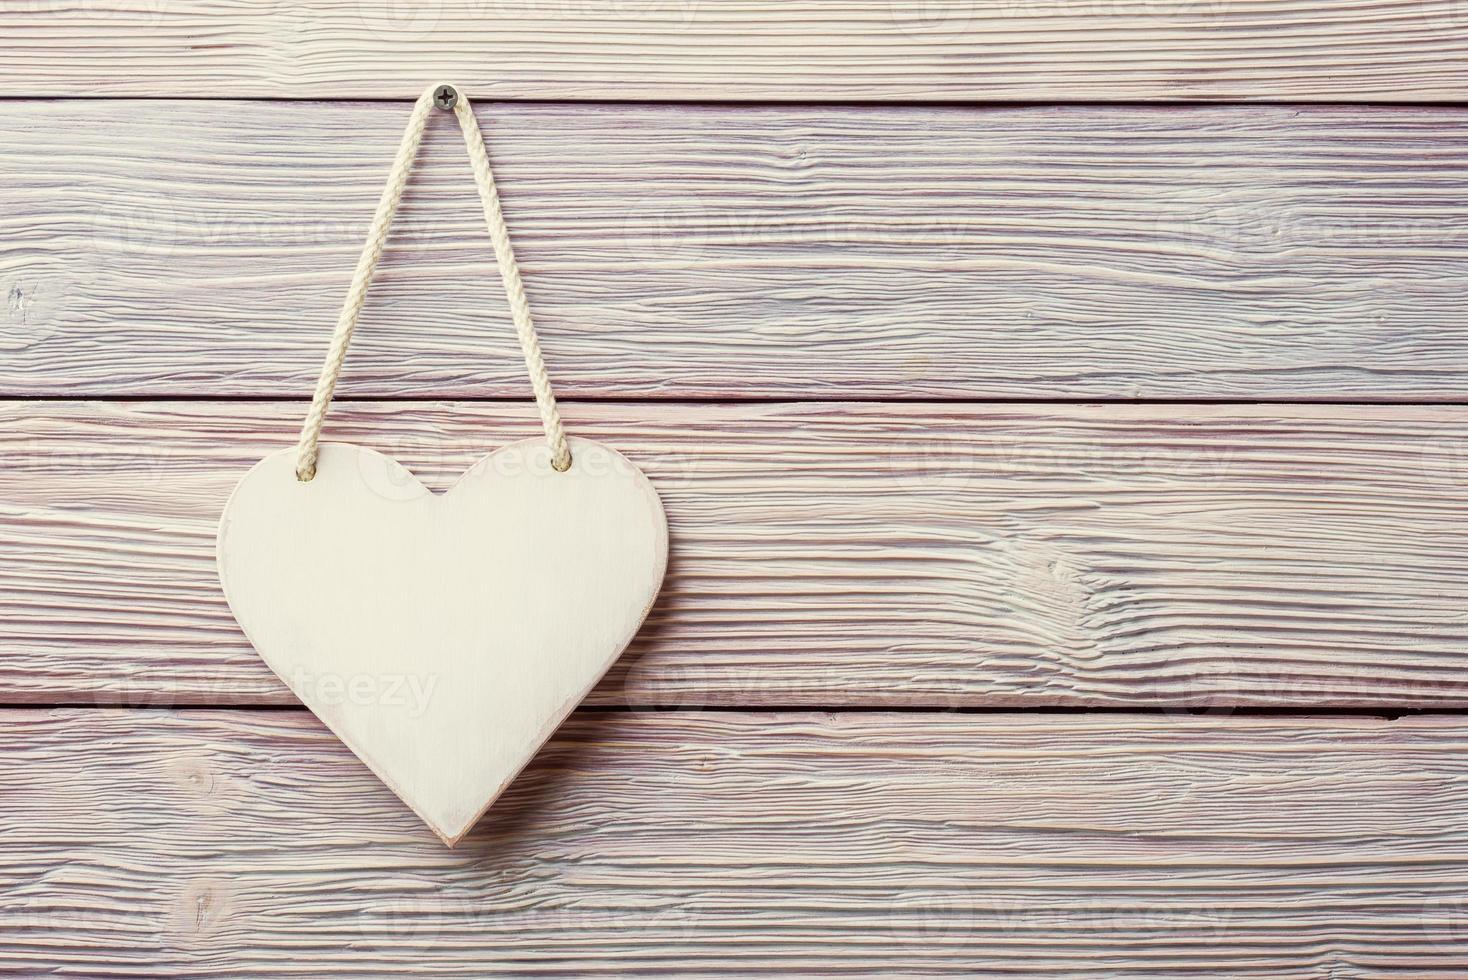 vit hjärta hängande över ljus trä vintage bakgrund foto